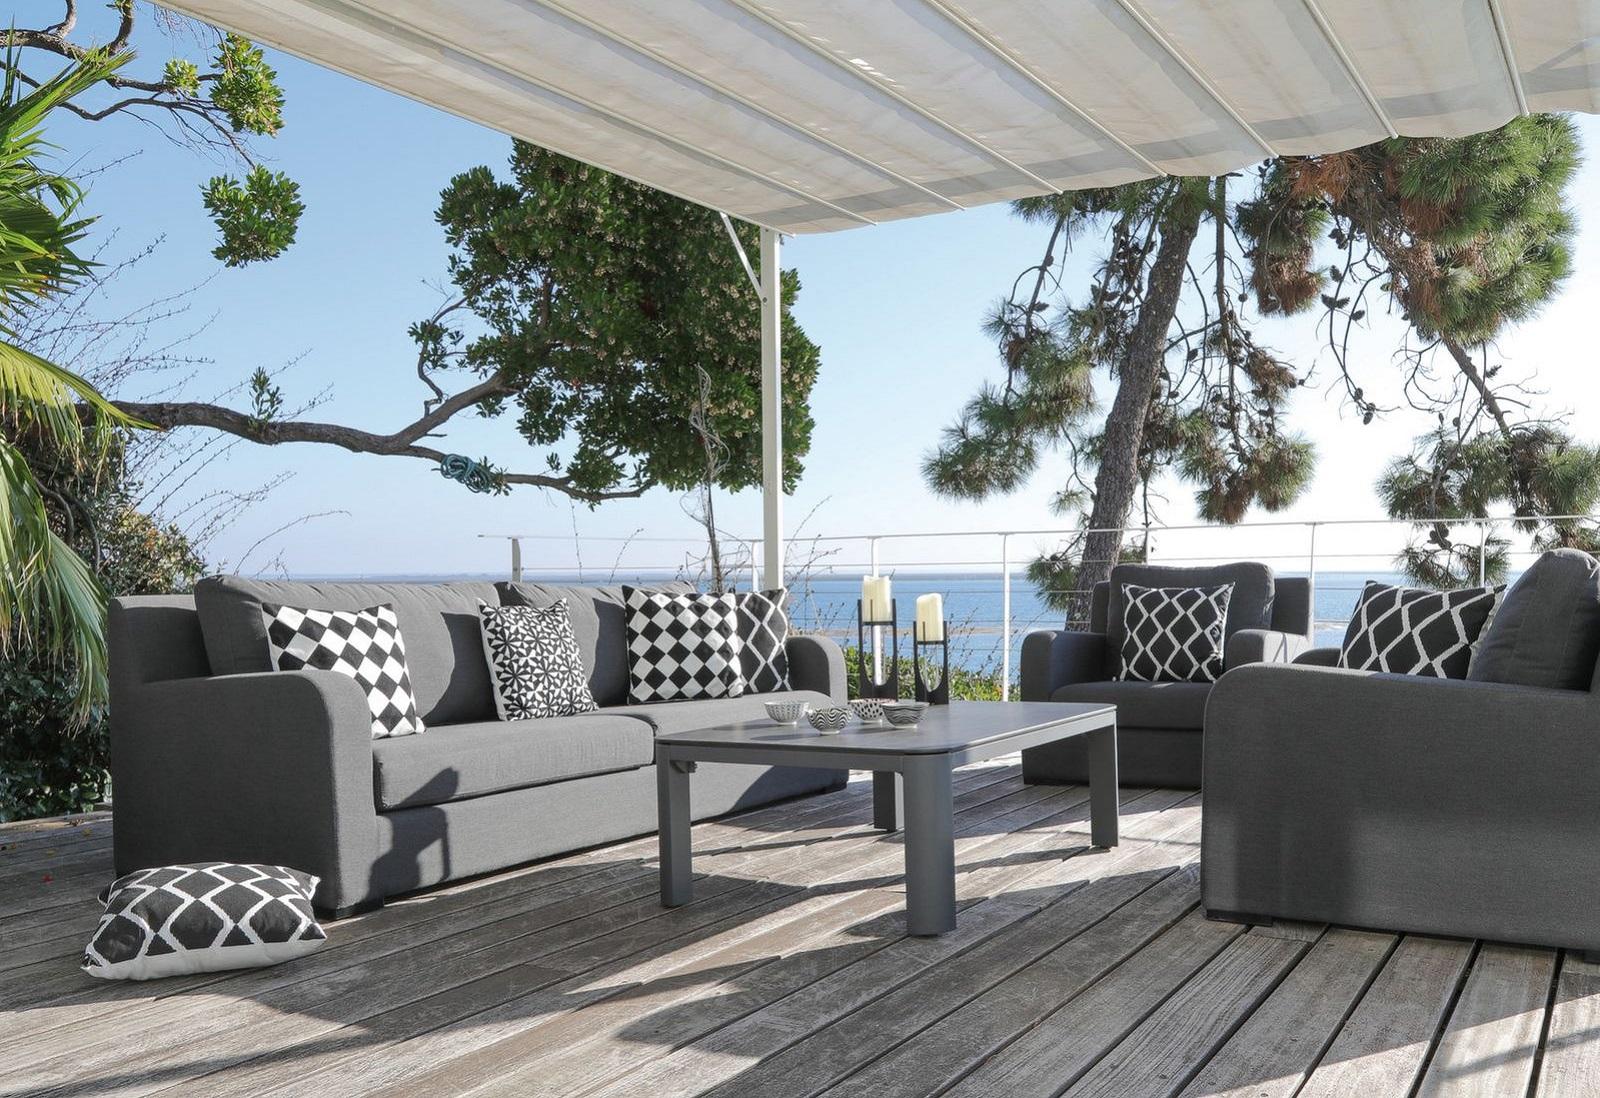 mobilier de jardin en ligne meubles de jardin design. Black Bedroom Furniture Sets. Home Design Ideas